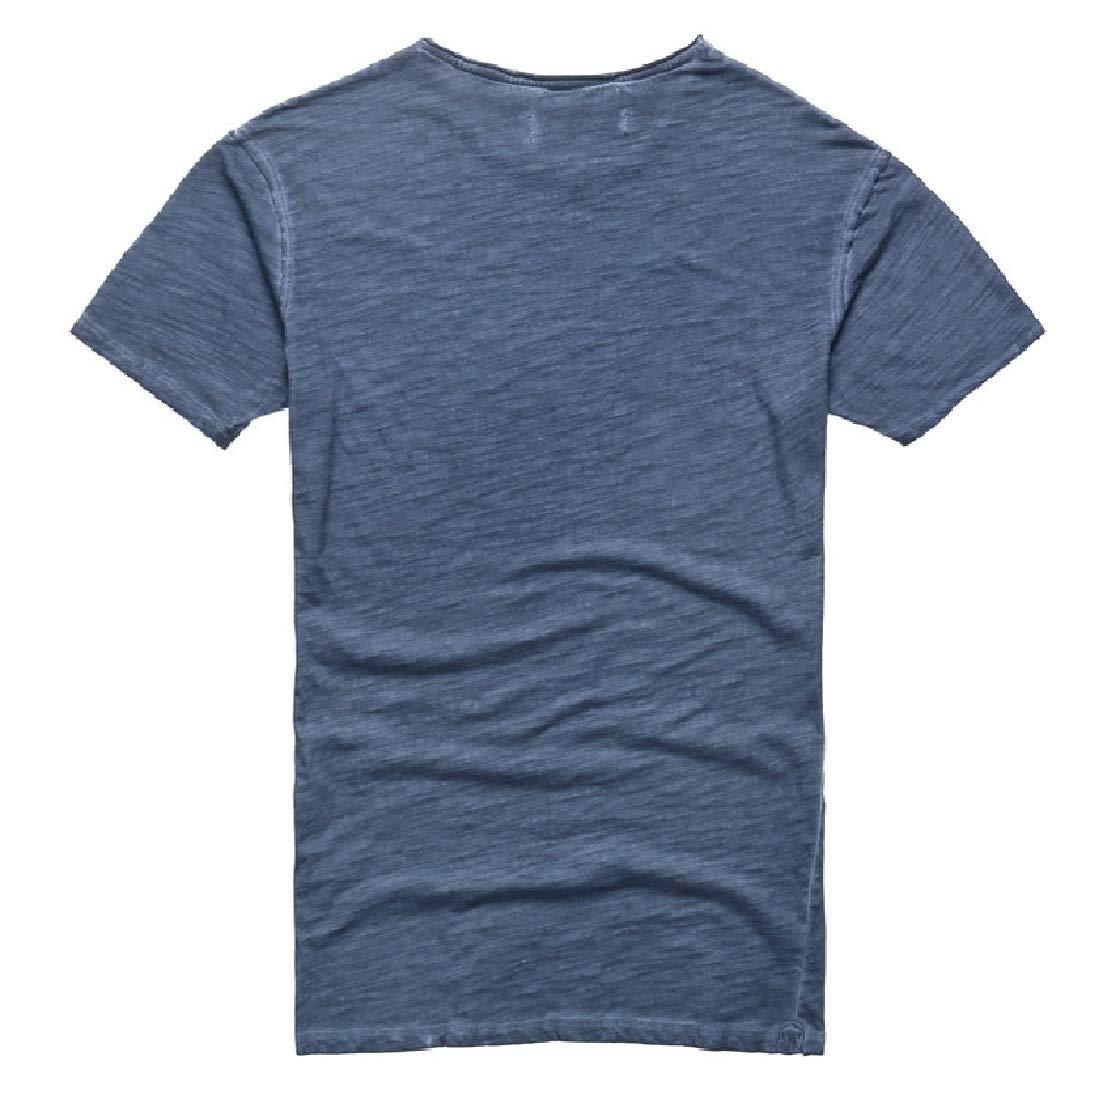 Zimaes-Men Short-Sleeve Comfort Solid Casual Crew-Neck Simple Tee Tshirt